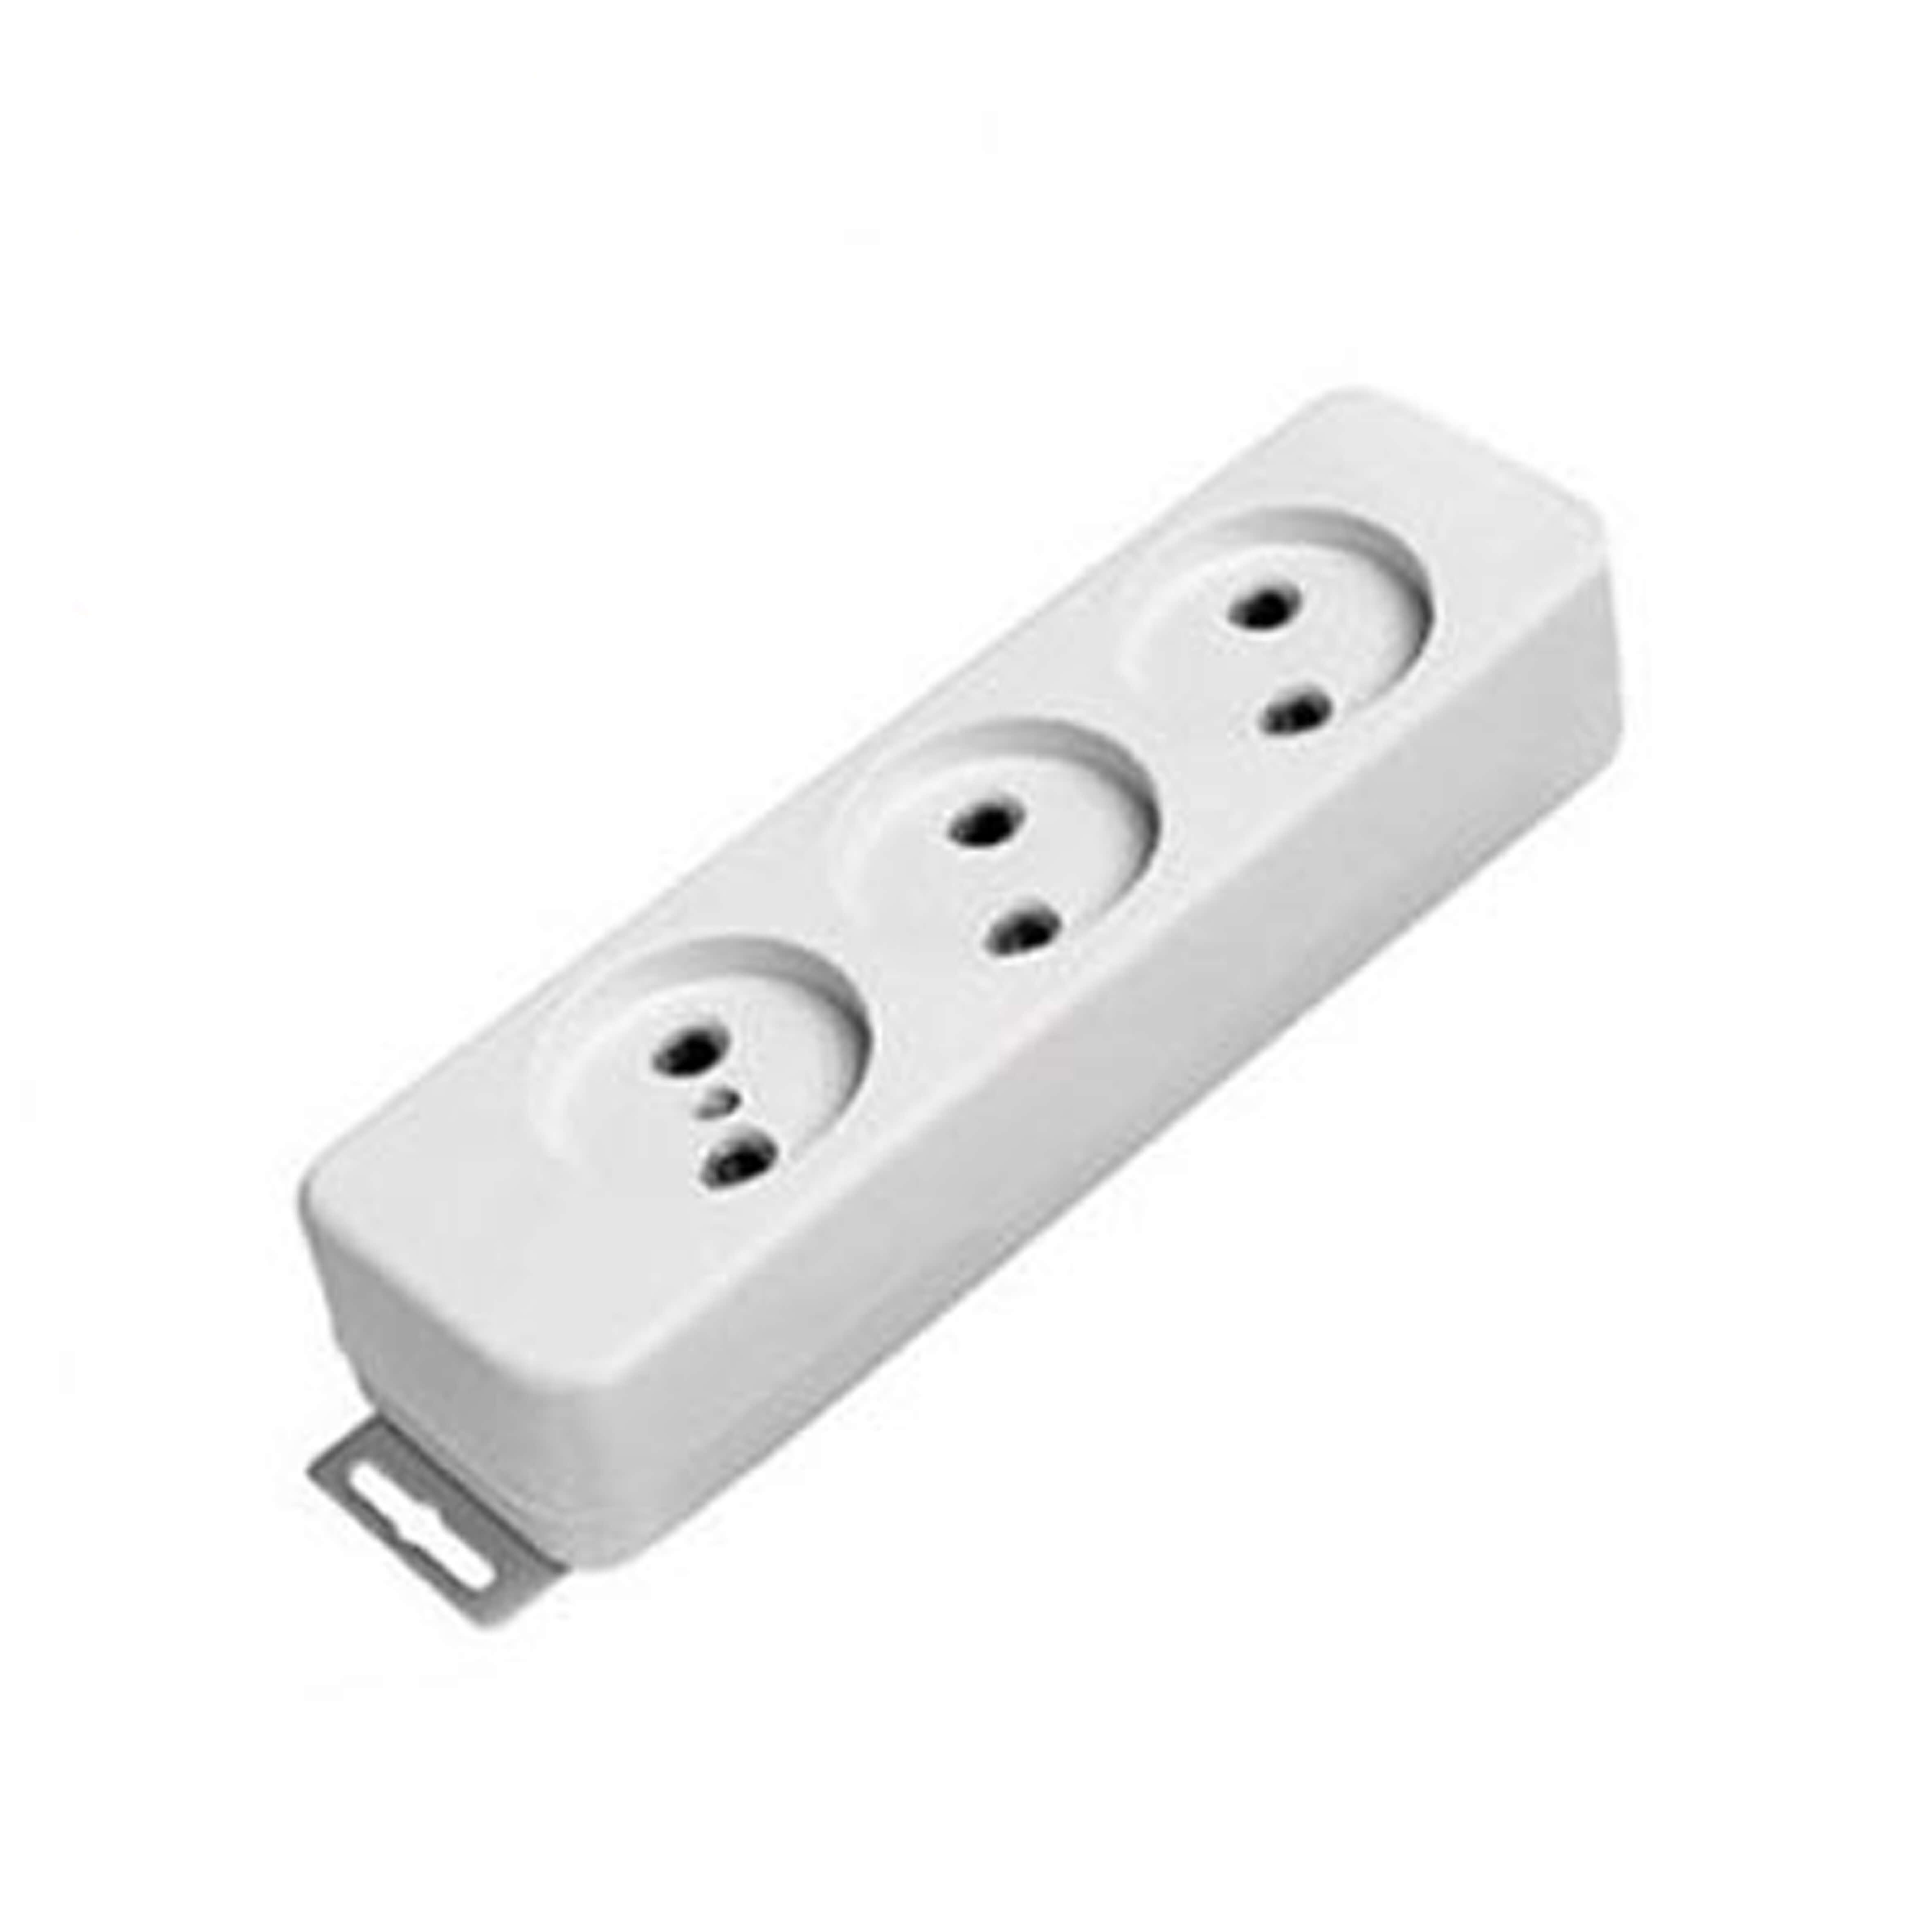 چند راهی برق 3 خروجی بدون ارت بدون کلید پارت الکتریک